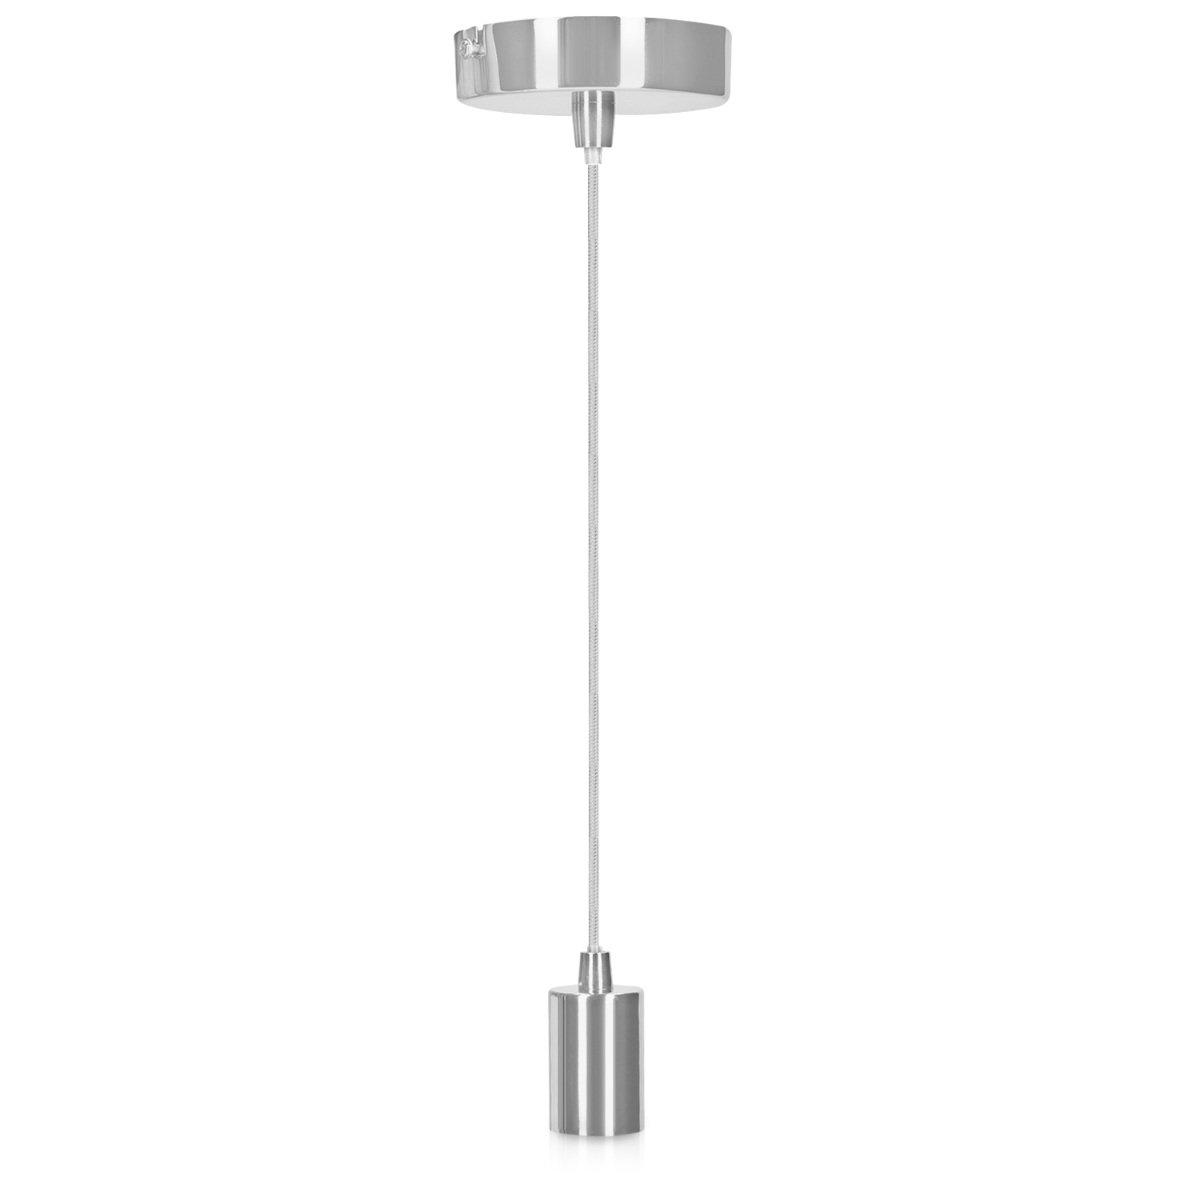 Vintage Lampenaufh/ängung in Bronze Optik mit Deckenbefestigung Schraubring 1,30m Kabel schwarz kwmobile E27 Metall Lampenfassung mit Textilkabel